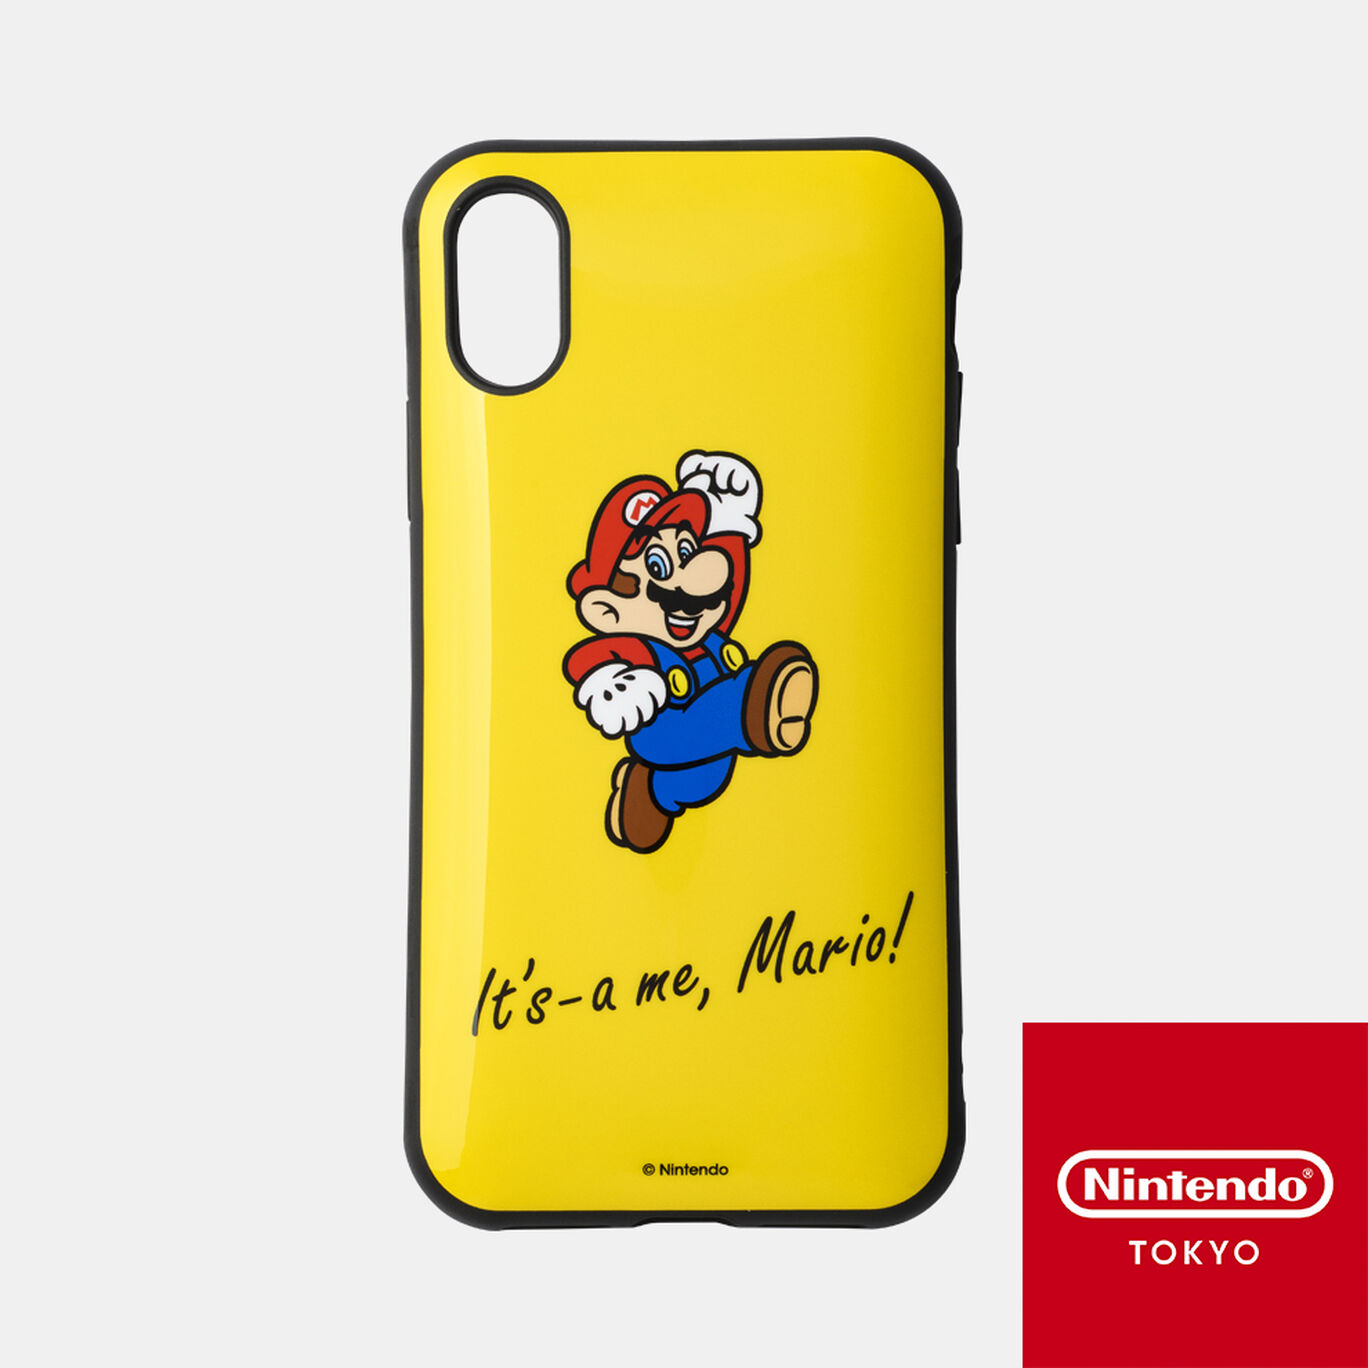 スマホカバーiPhone XS/X 対応 スーパーマリオ B【Nintendo TOKYO取り扱い商品】